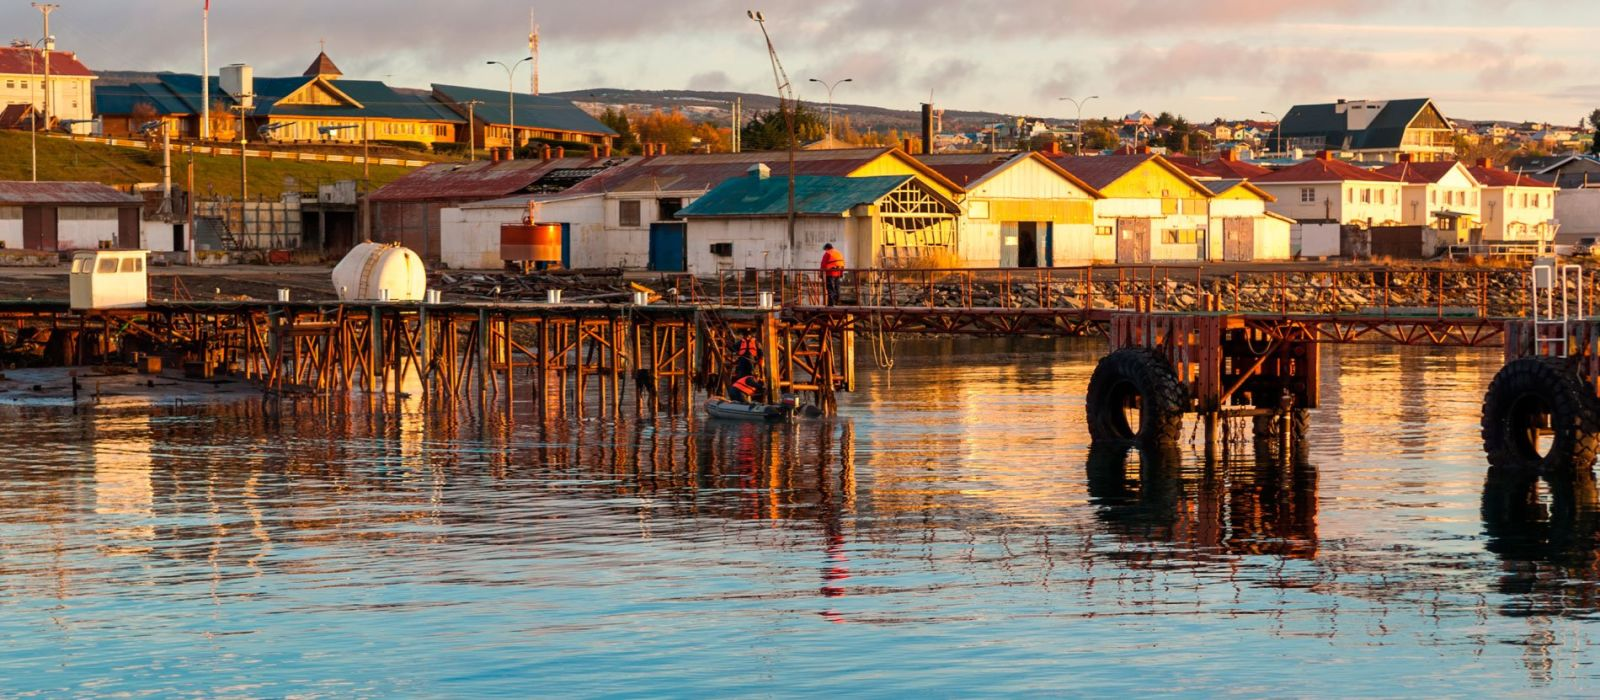 Destination Punta Arenas Cruise Chile